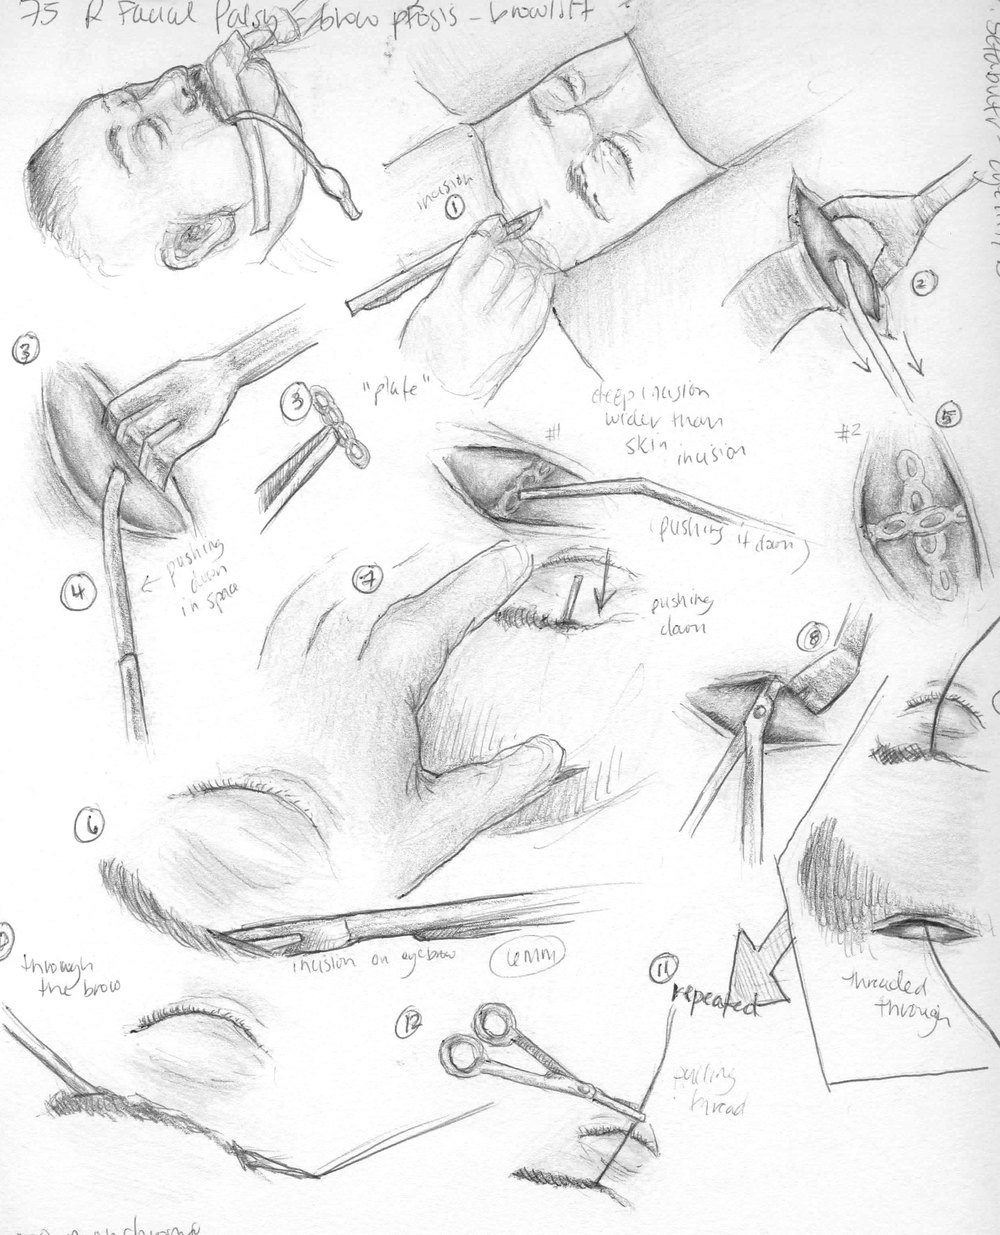 ChandlerR_Sketches-1.jpg